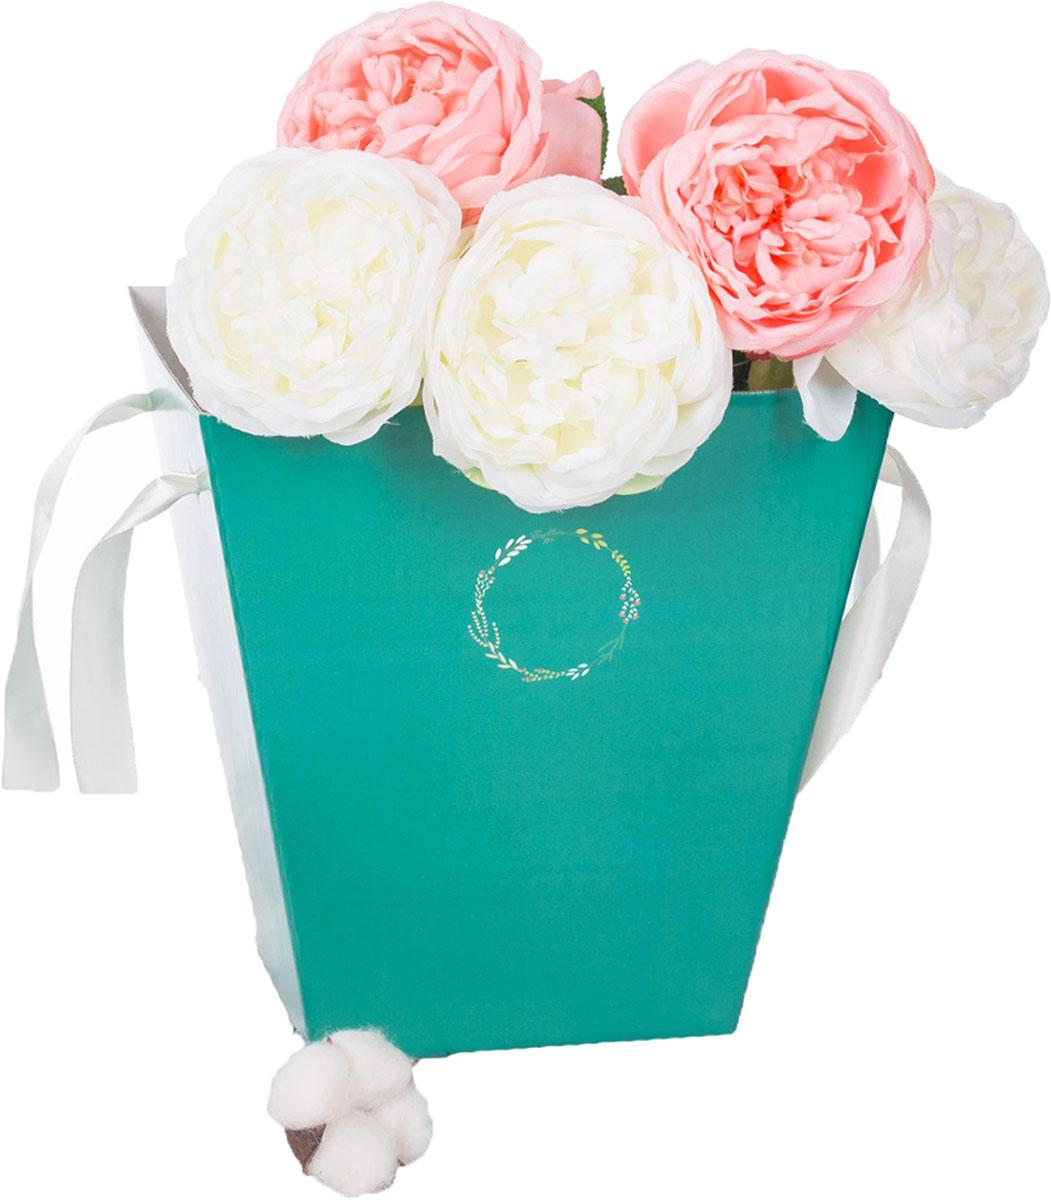 Коробка-трапеция Дарите Счастье Морская волна, 23,6 х 24,5 х 15 см2878107Любой подарок начинается с упаковки. Что может быть трогательнее и волшебнее, чем ритуал разворачивания полученного презента. И именно оригинальная, со вкусом выбранная упаковка выделит ваш подарок из массы других. Она продемонстрирует самые тёплые чувства к виновнику торжества и создаст сказочную атмосферу праздника. Коробка — это то, что вы искали.